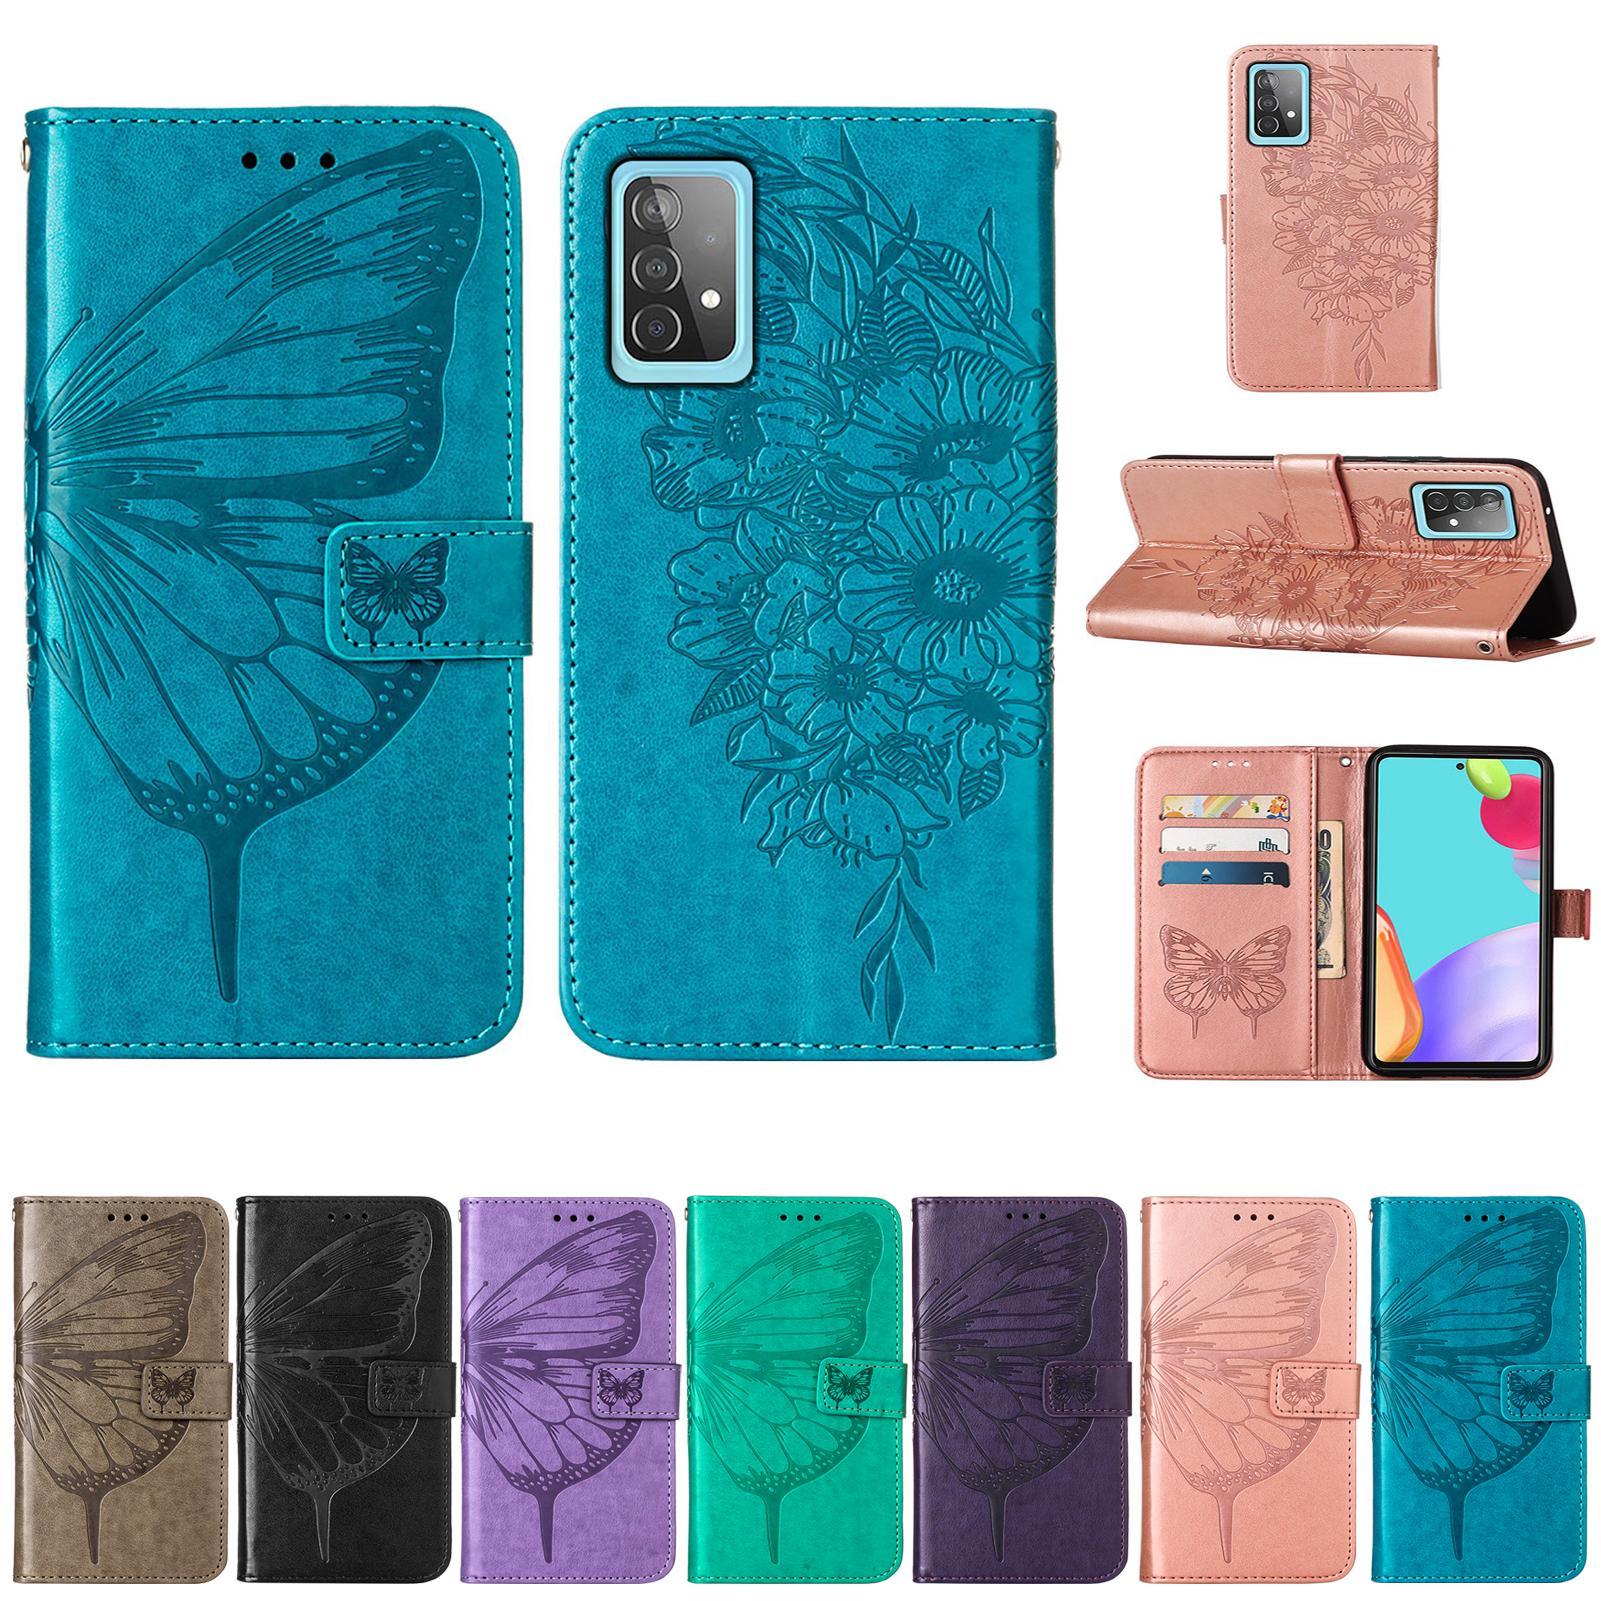 Impressum Leder Brieftasche Hüllen für Samsung Galaxy A72 4G A42 5G A52 Moto G Play Stylus Power Print Schmetterlingsblume Blumen Stilvolle ID Kartensteckplatz Luxushalter Flip Cover